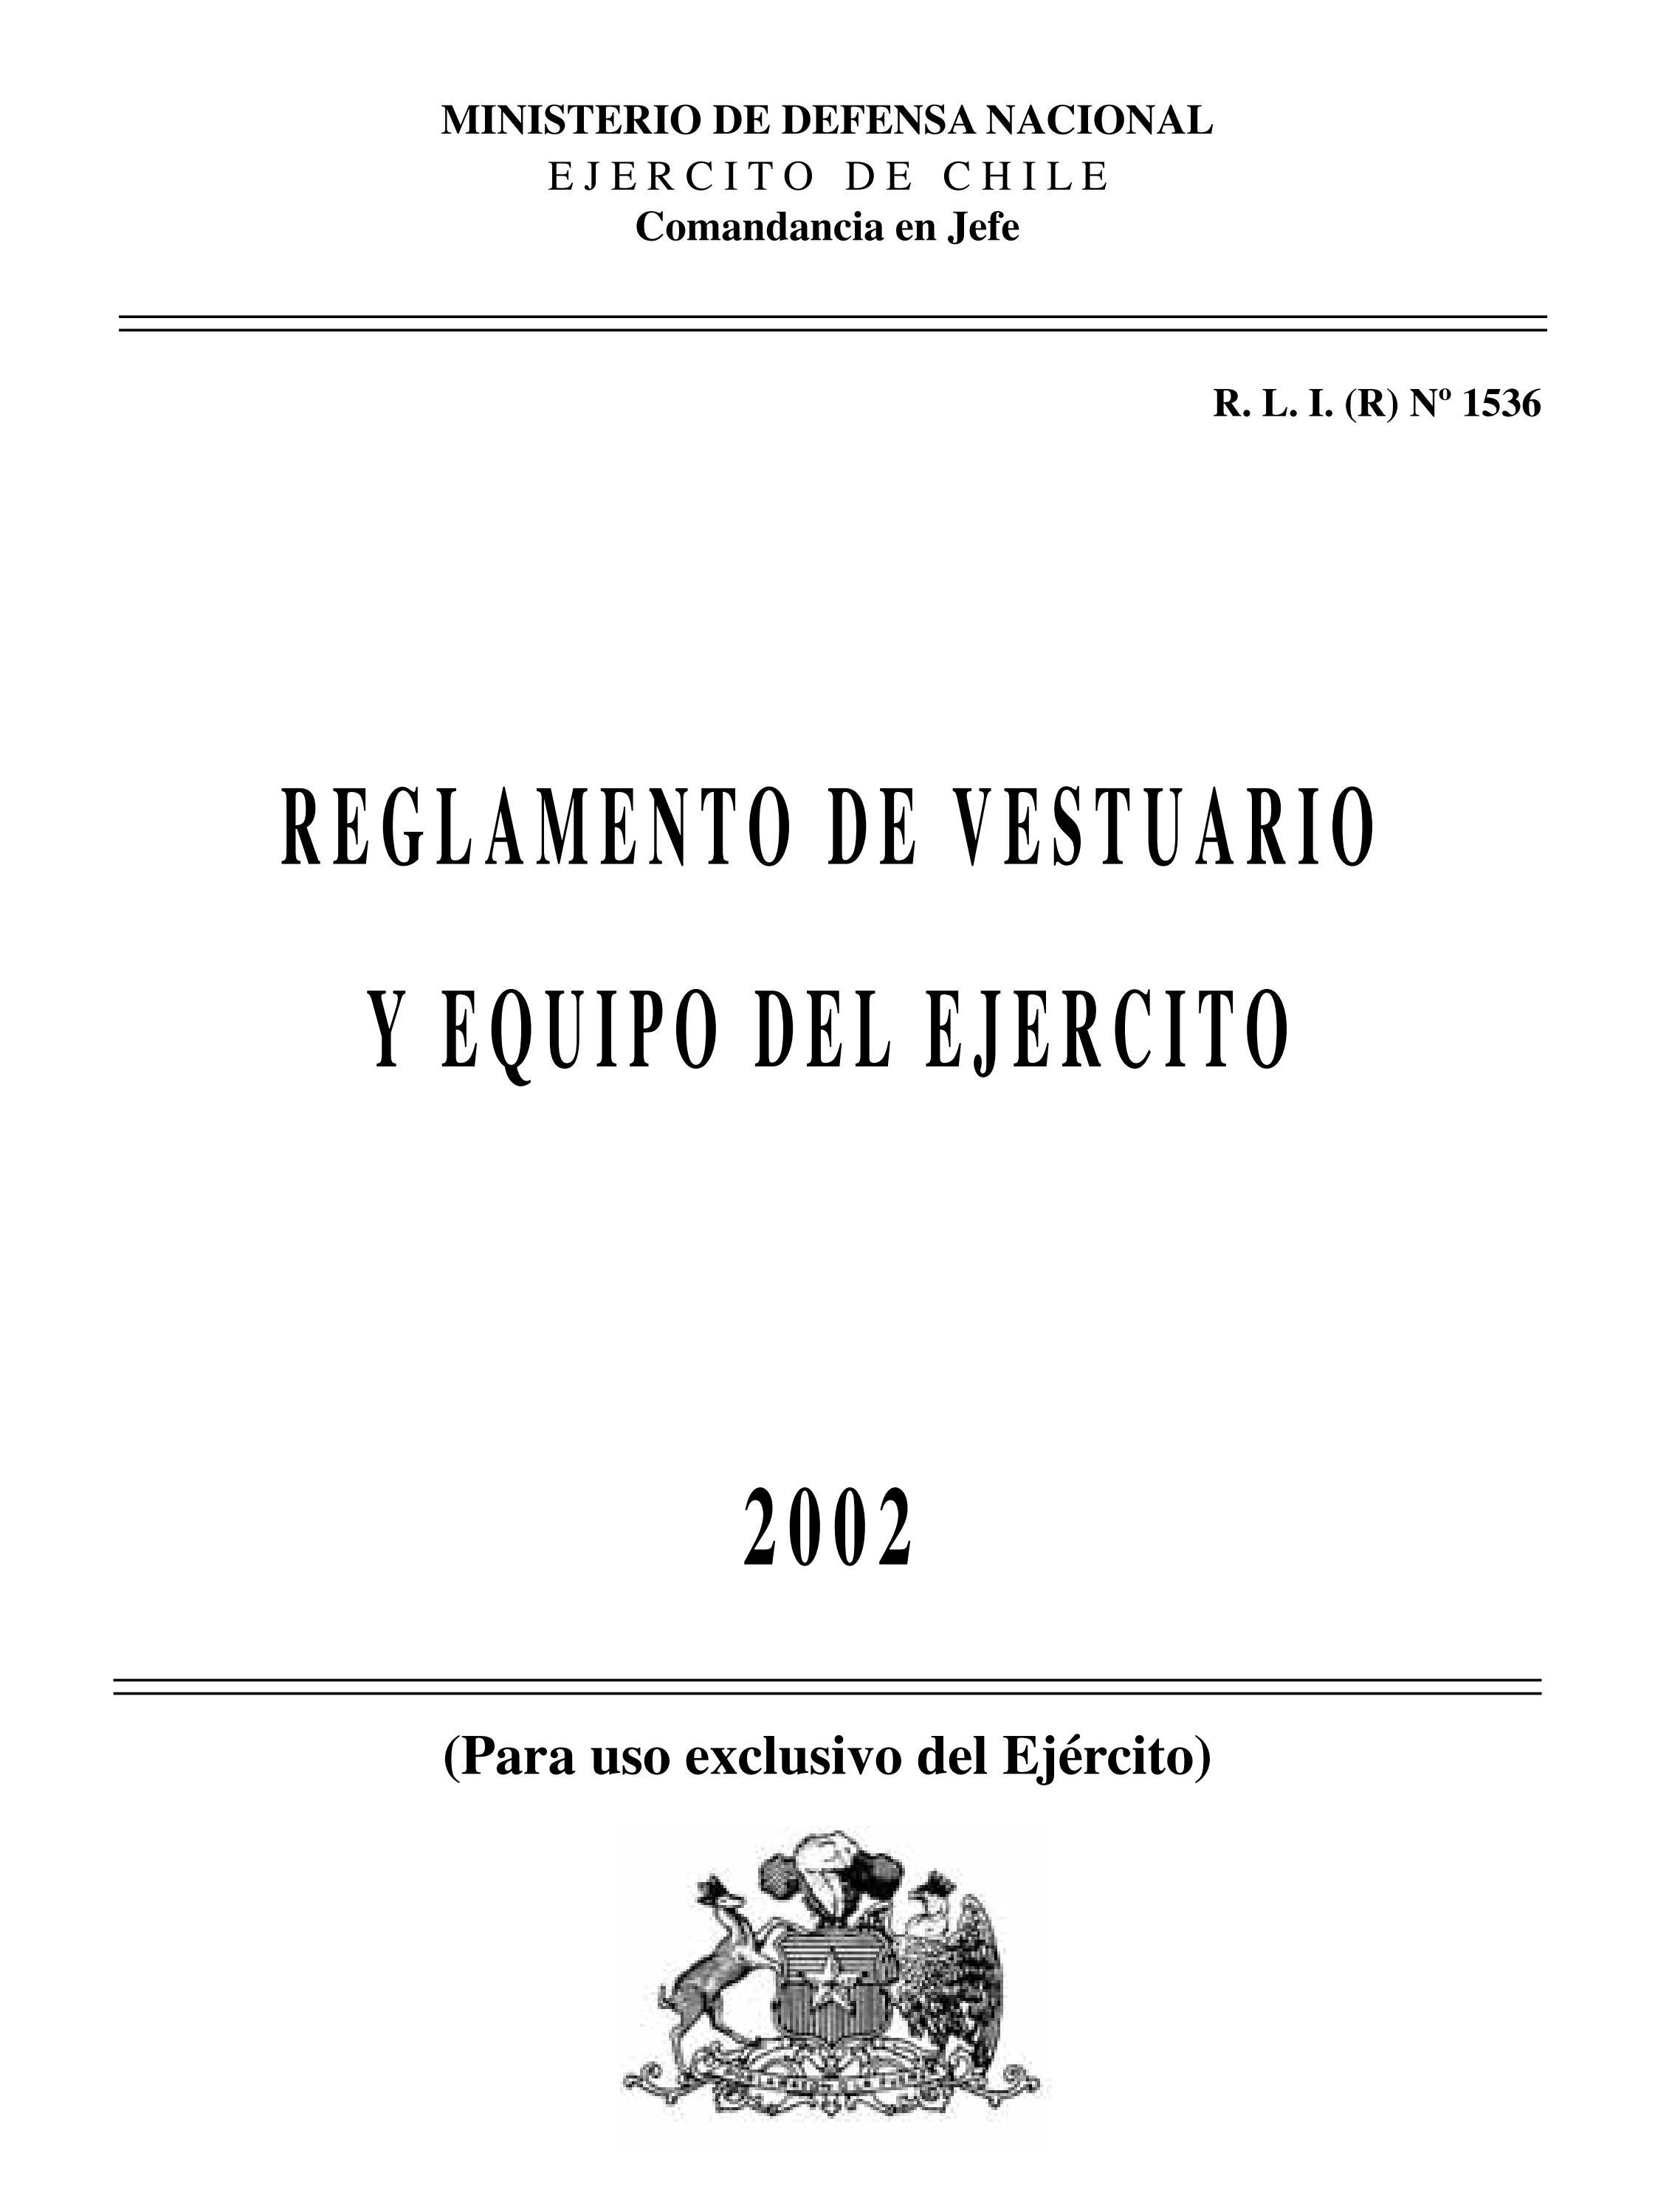 Reglamento de Vestuario y Equipo del Ejército by Rodolfo Manzo - issuu af0242a7bae